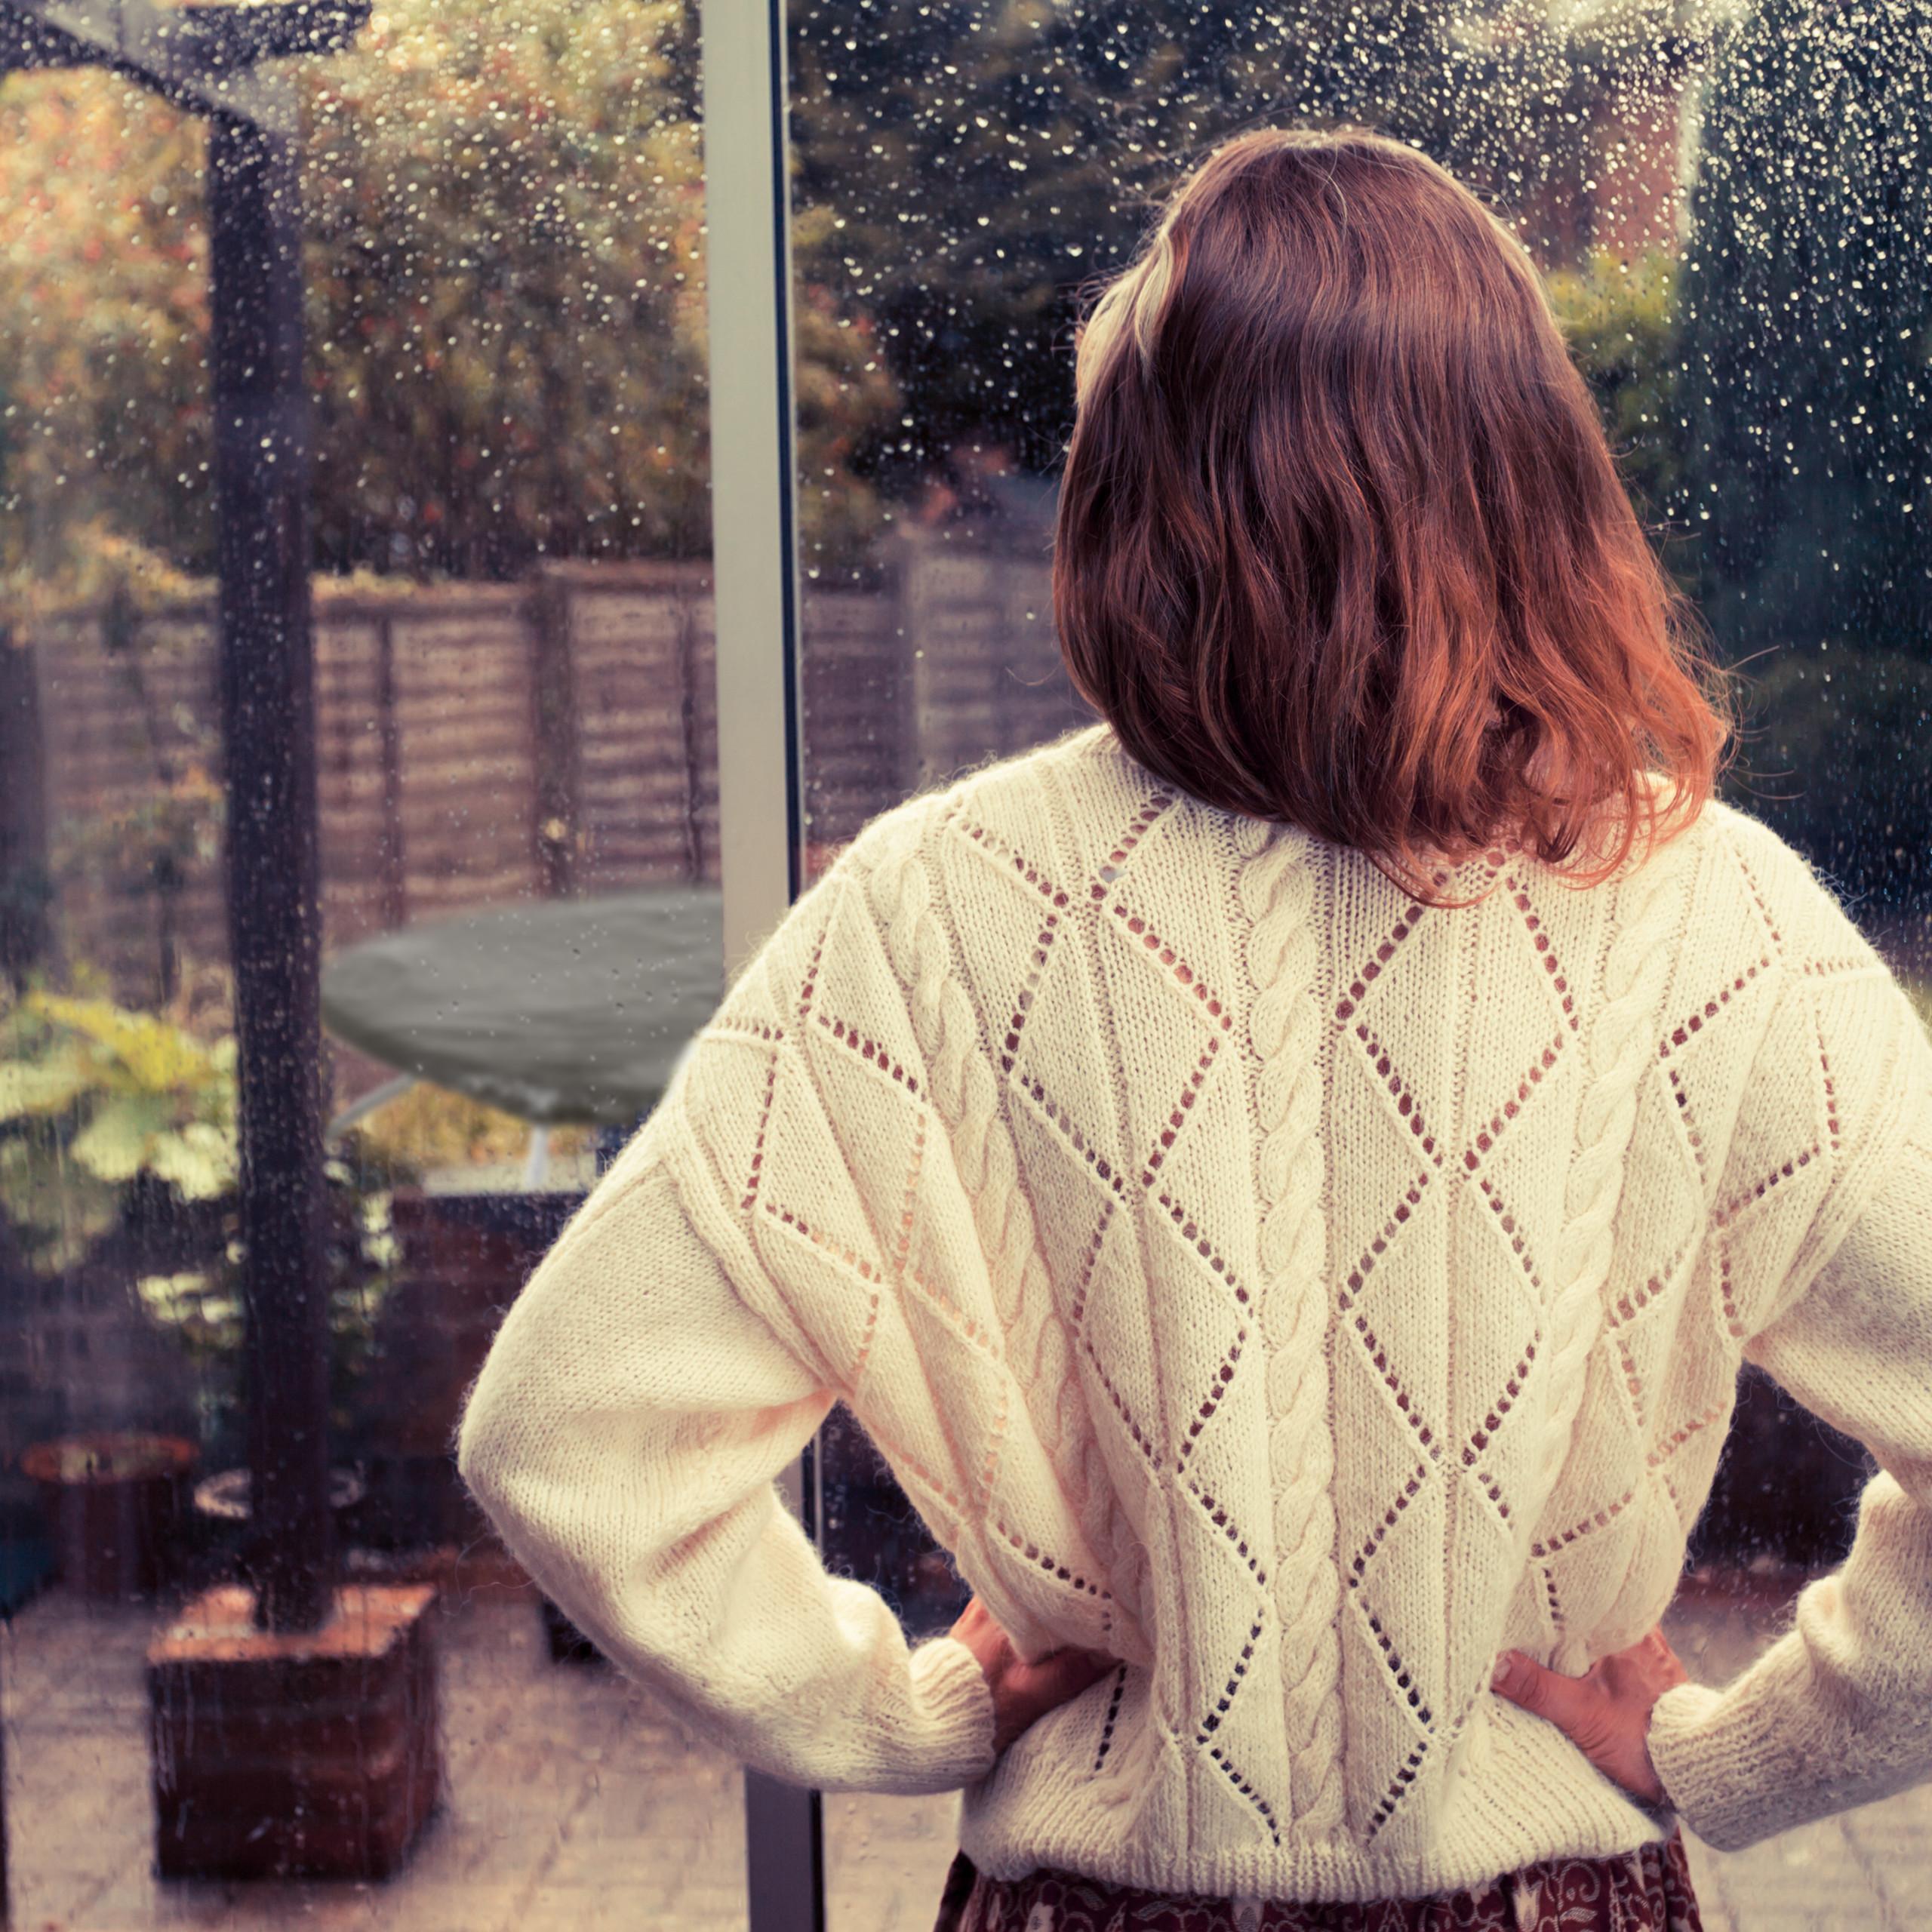 Housse-de-Protection-pour-Trampoline-Bache-pluie-vent-jardin-intemperies miniature 19